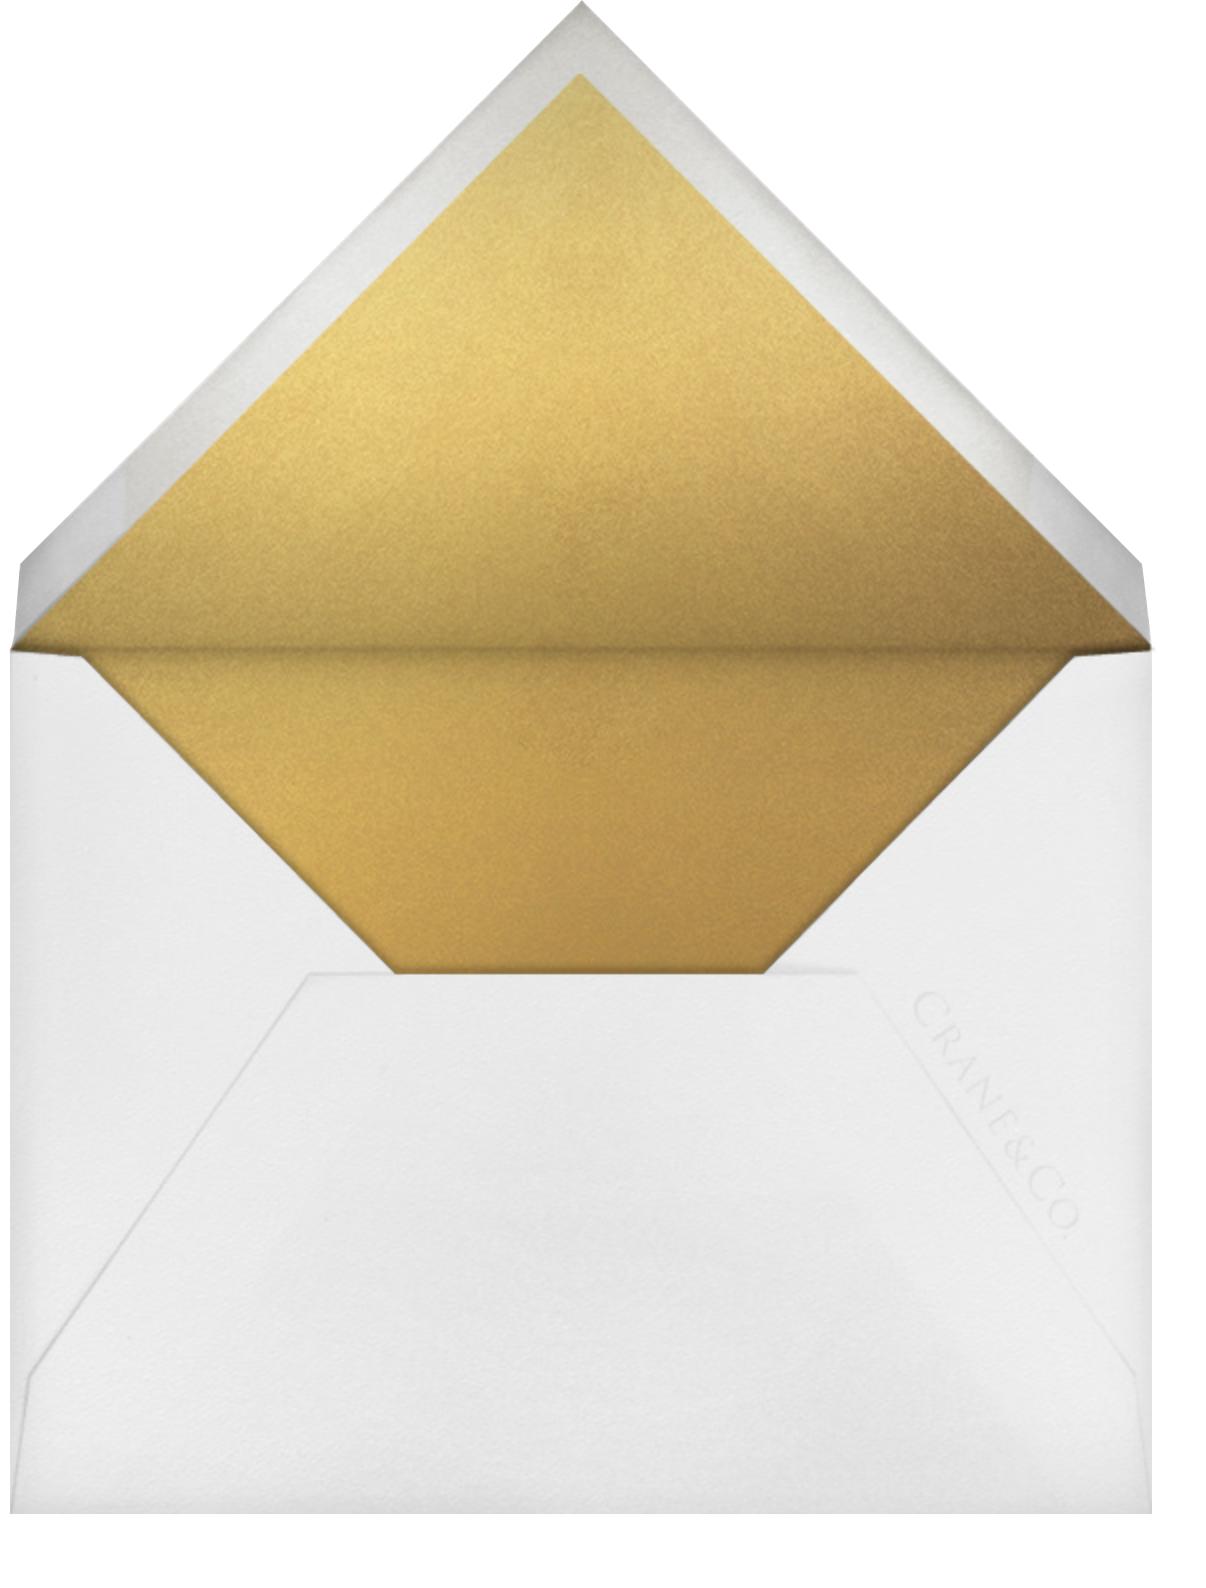 Jubilee I - Medium Gold - Kelly Wearstler - All - envelope back